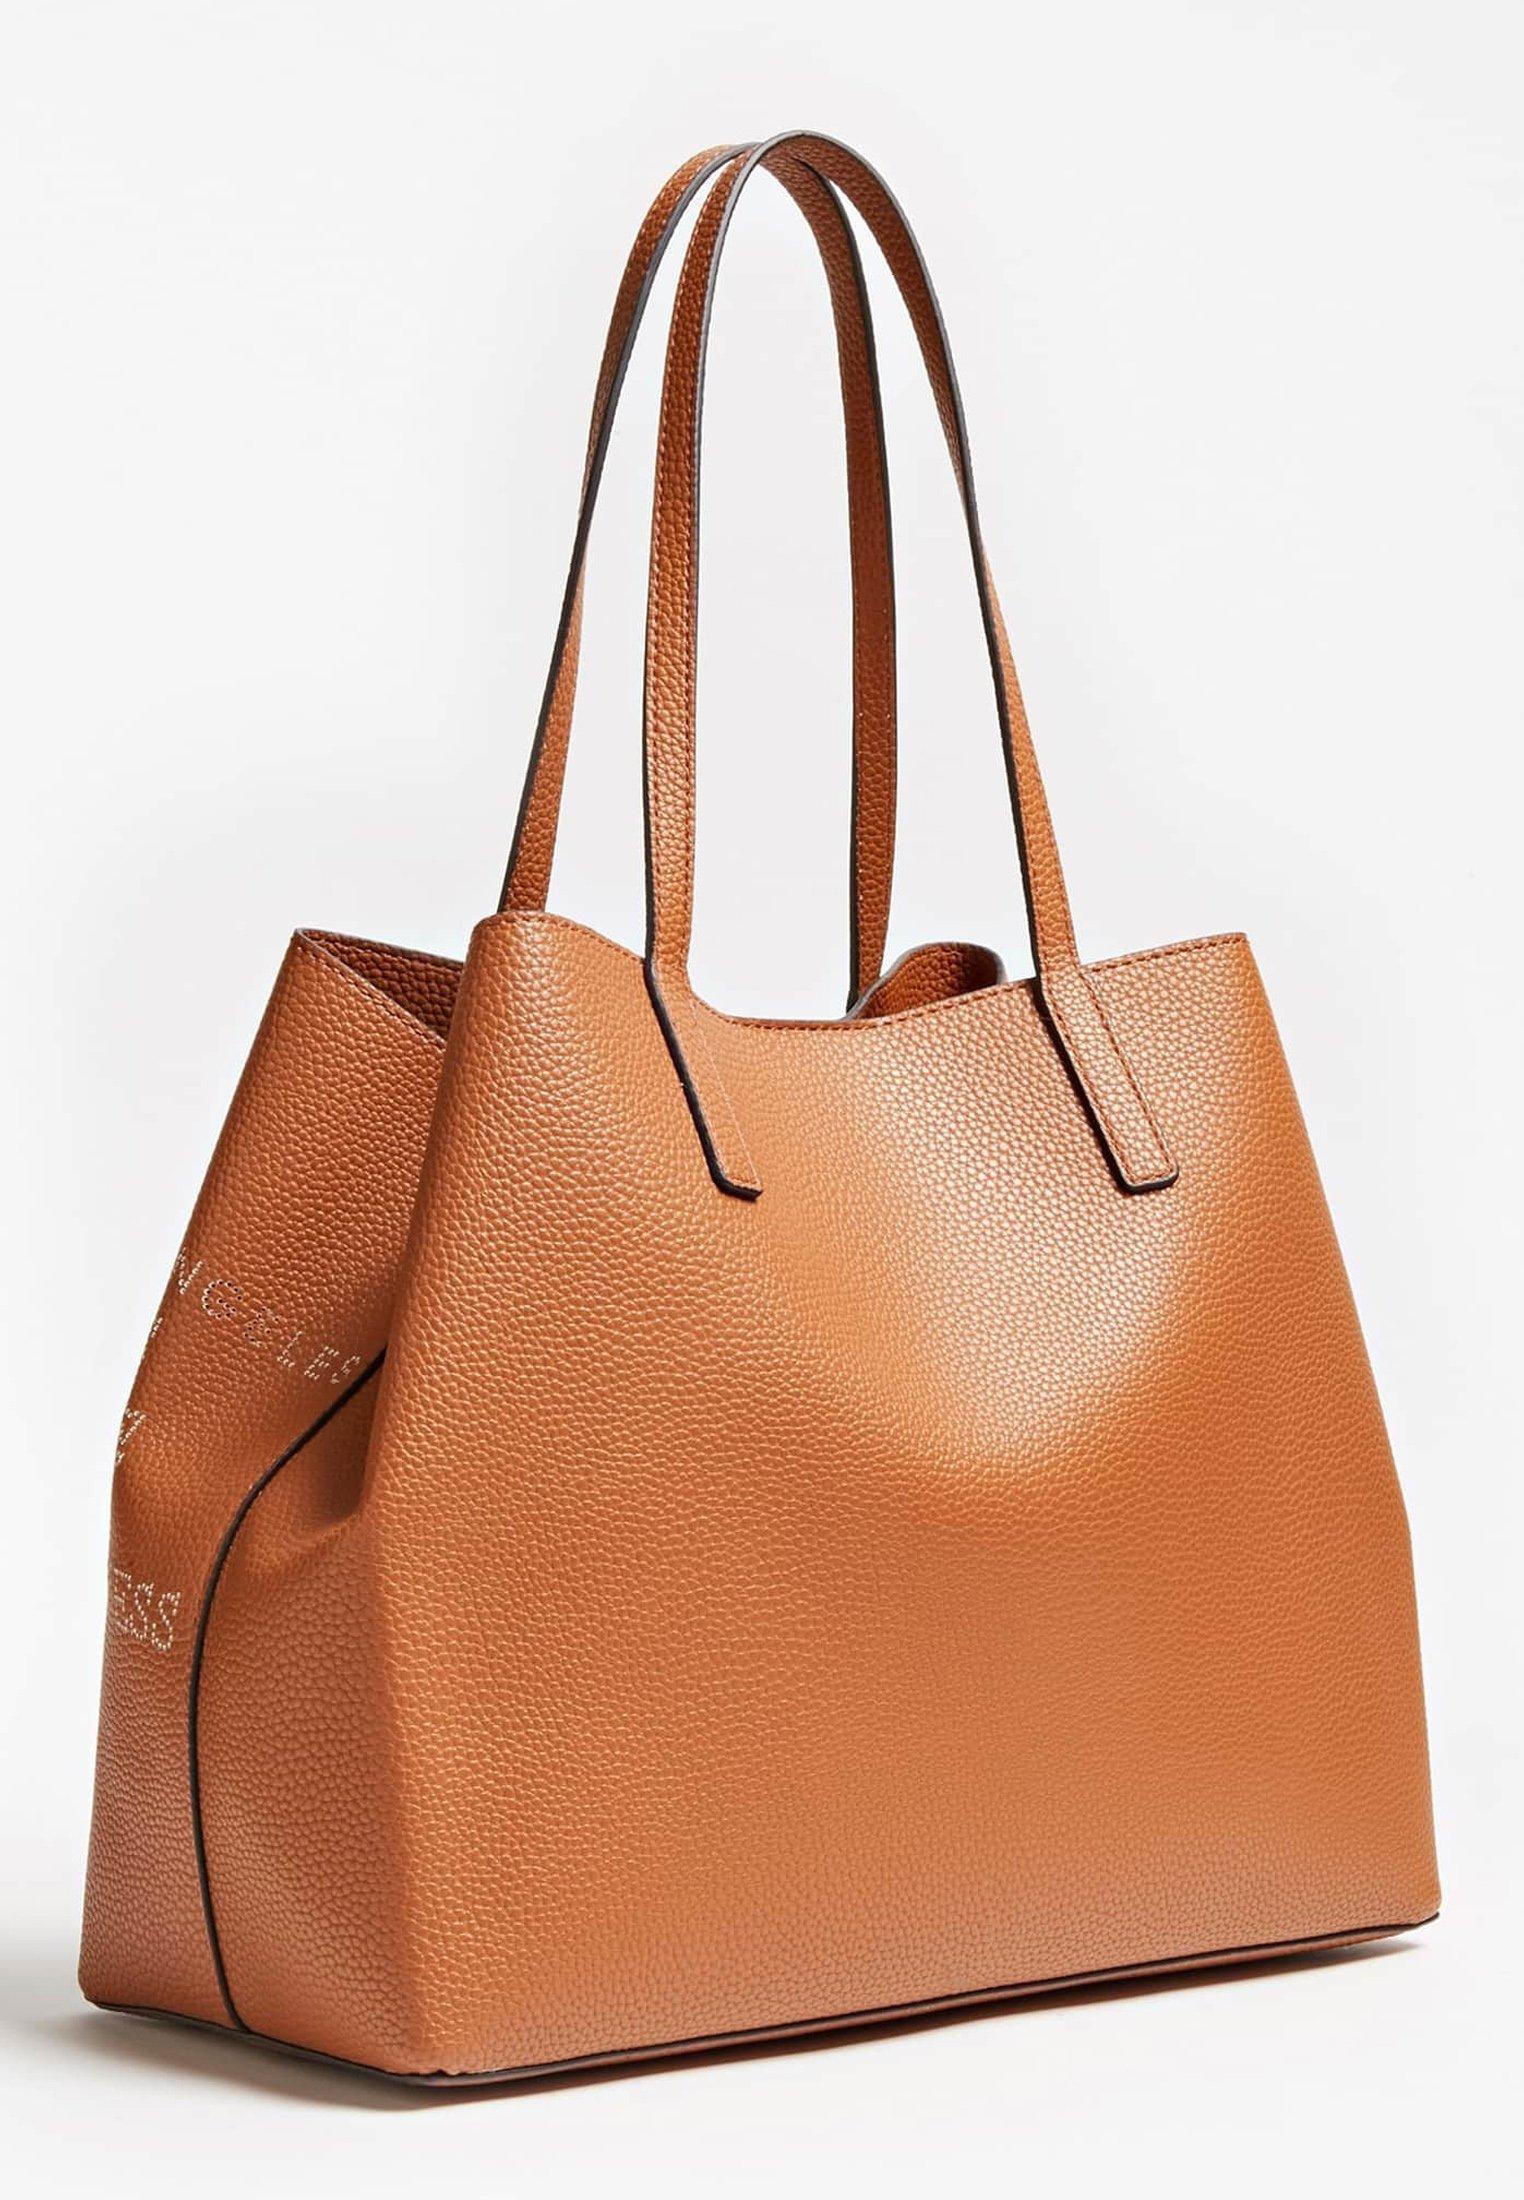 Guess Shopping Bag - Karamell/braun